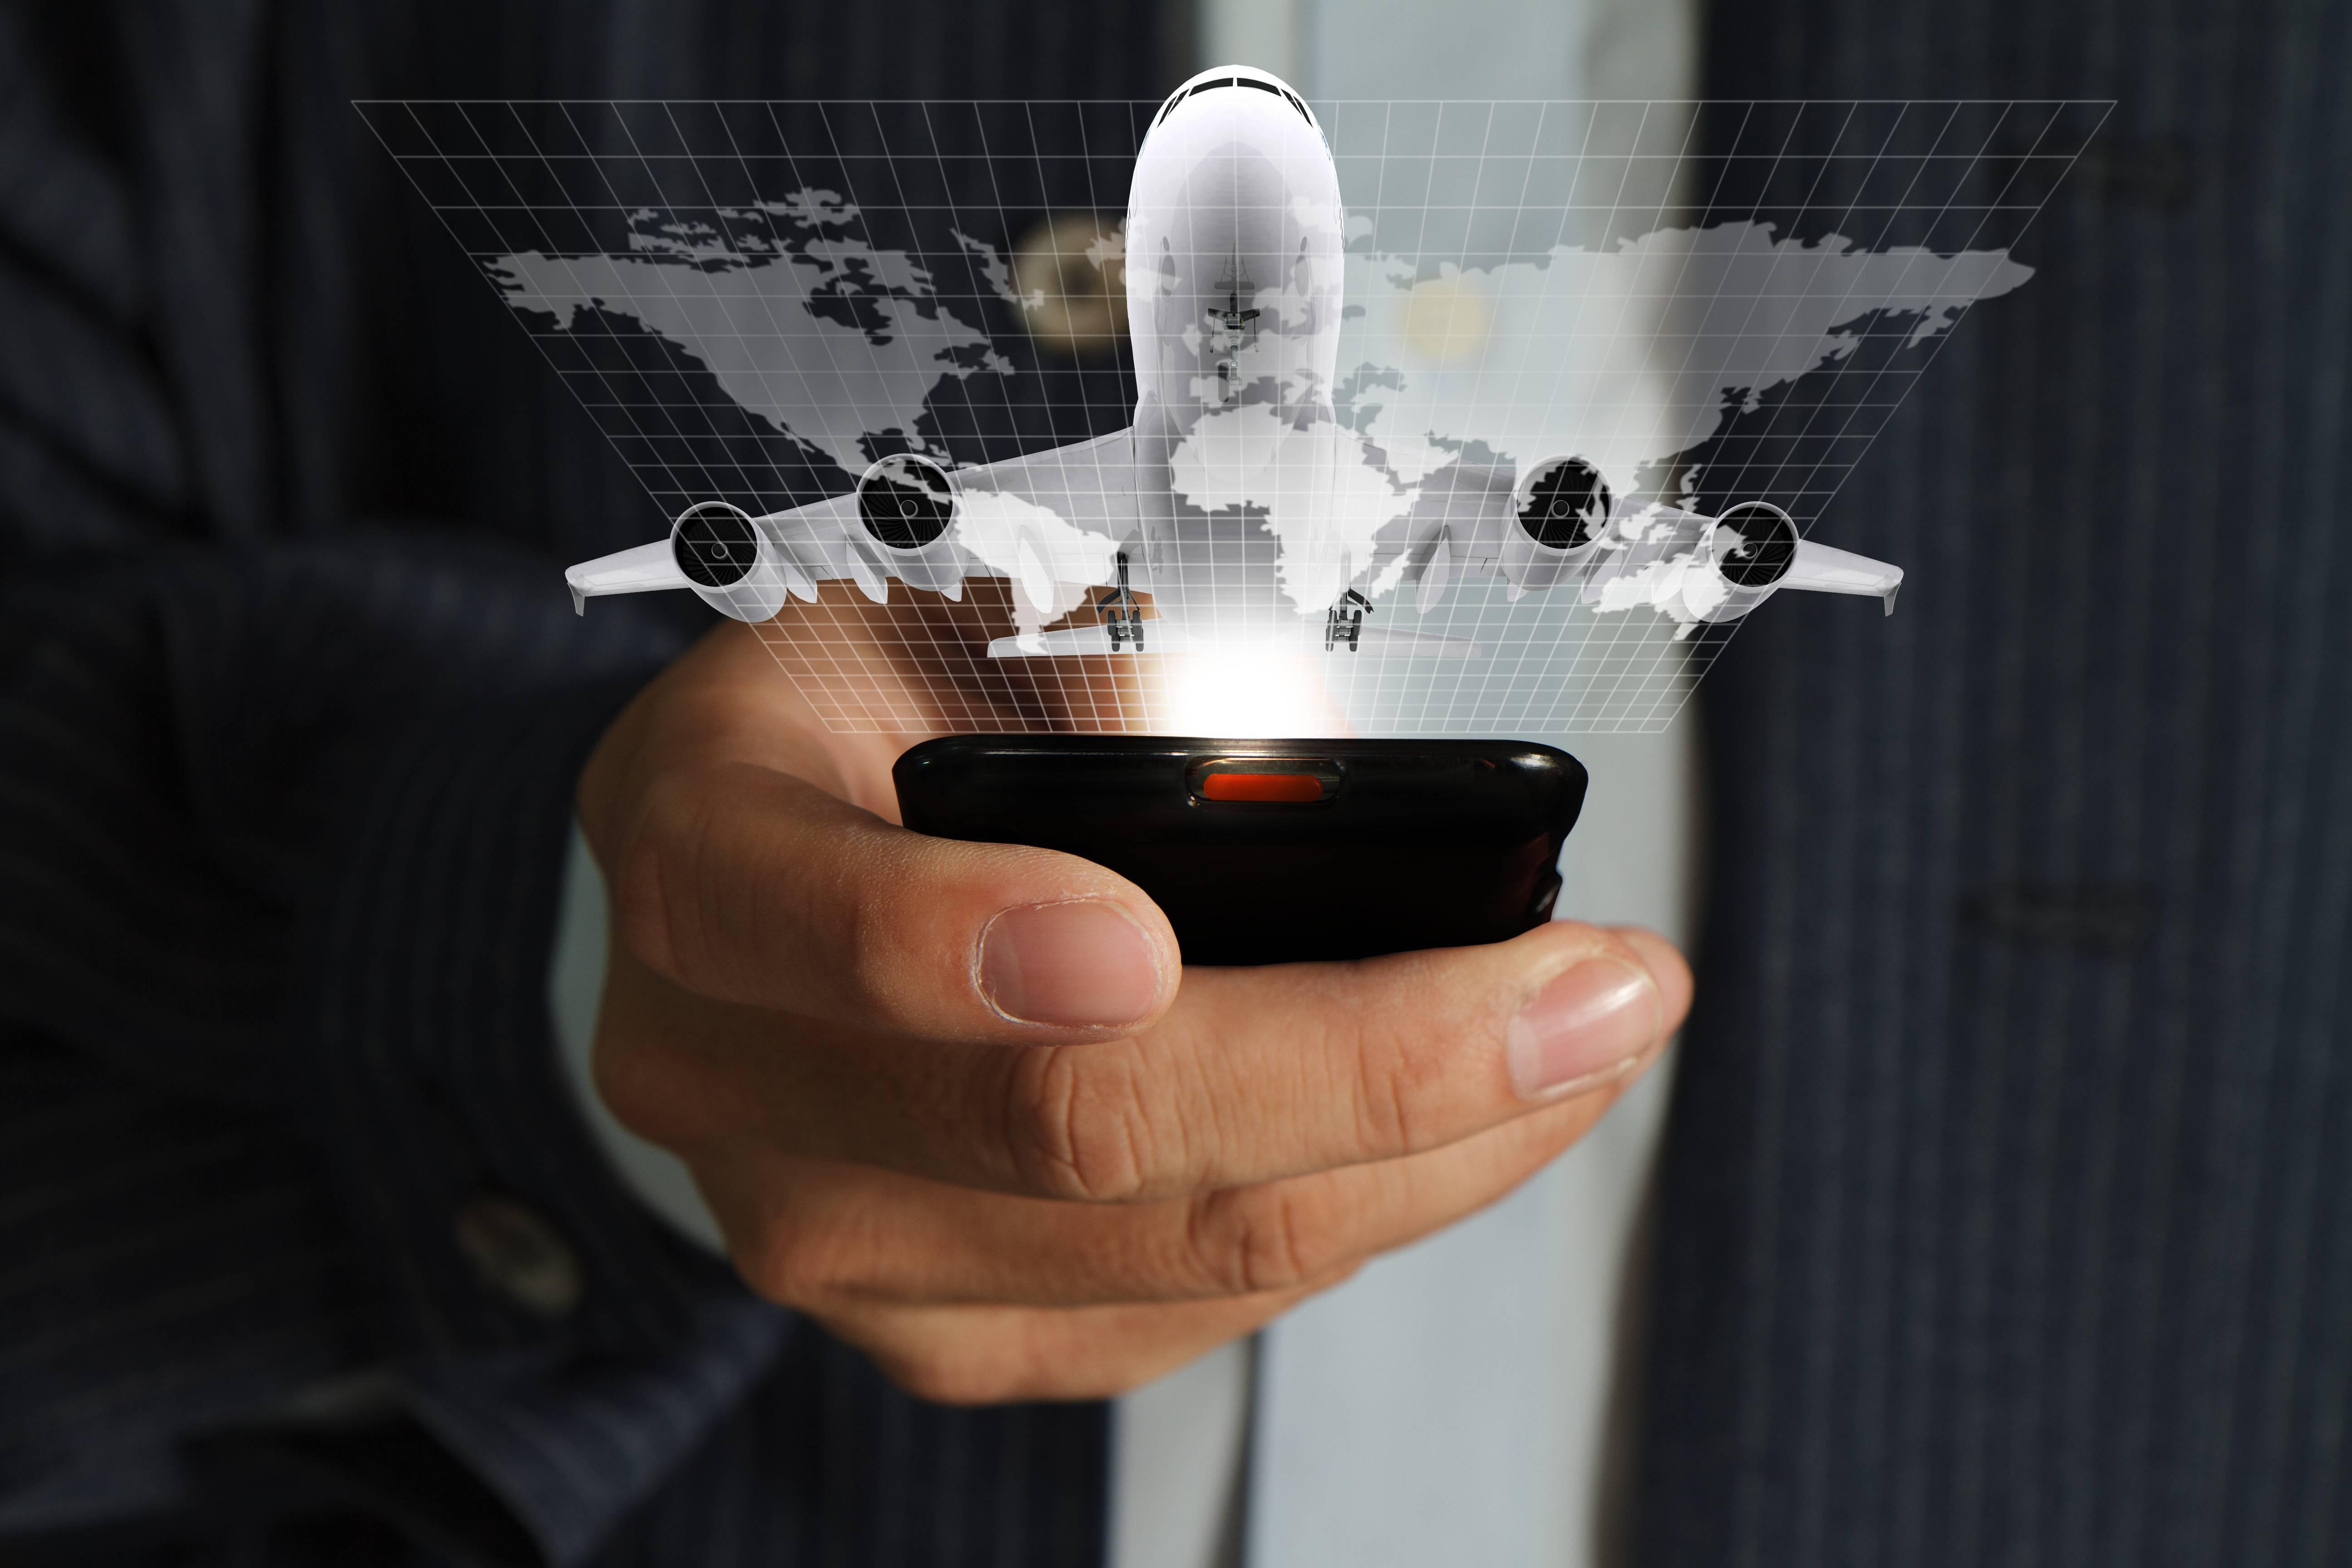 Зоны отчуждения: почему нельзя пользоваться телефоном на заправке и в самолёте